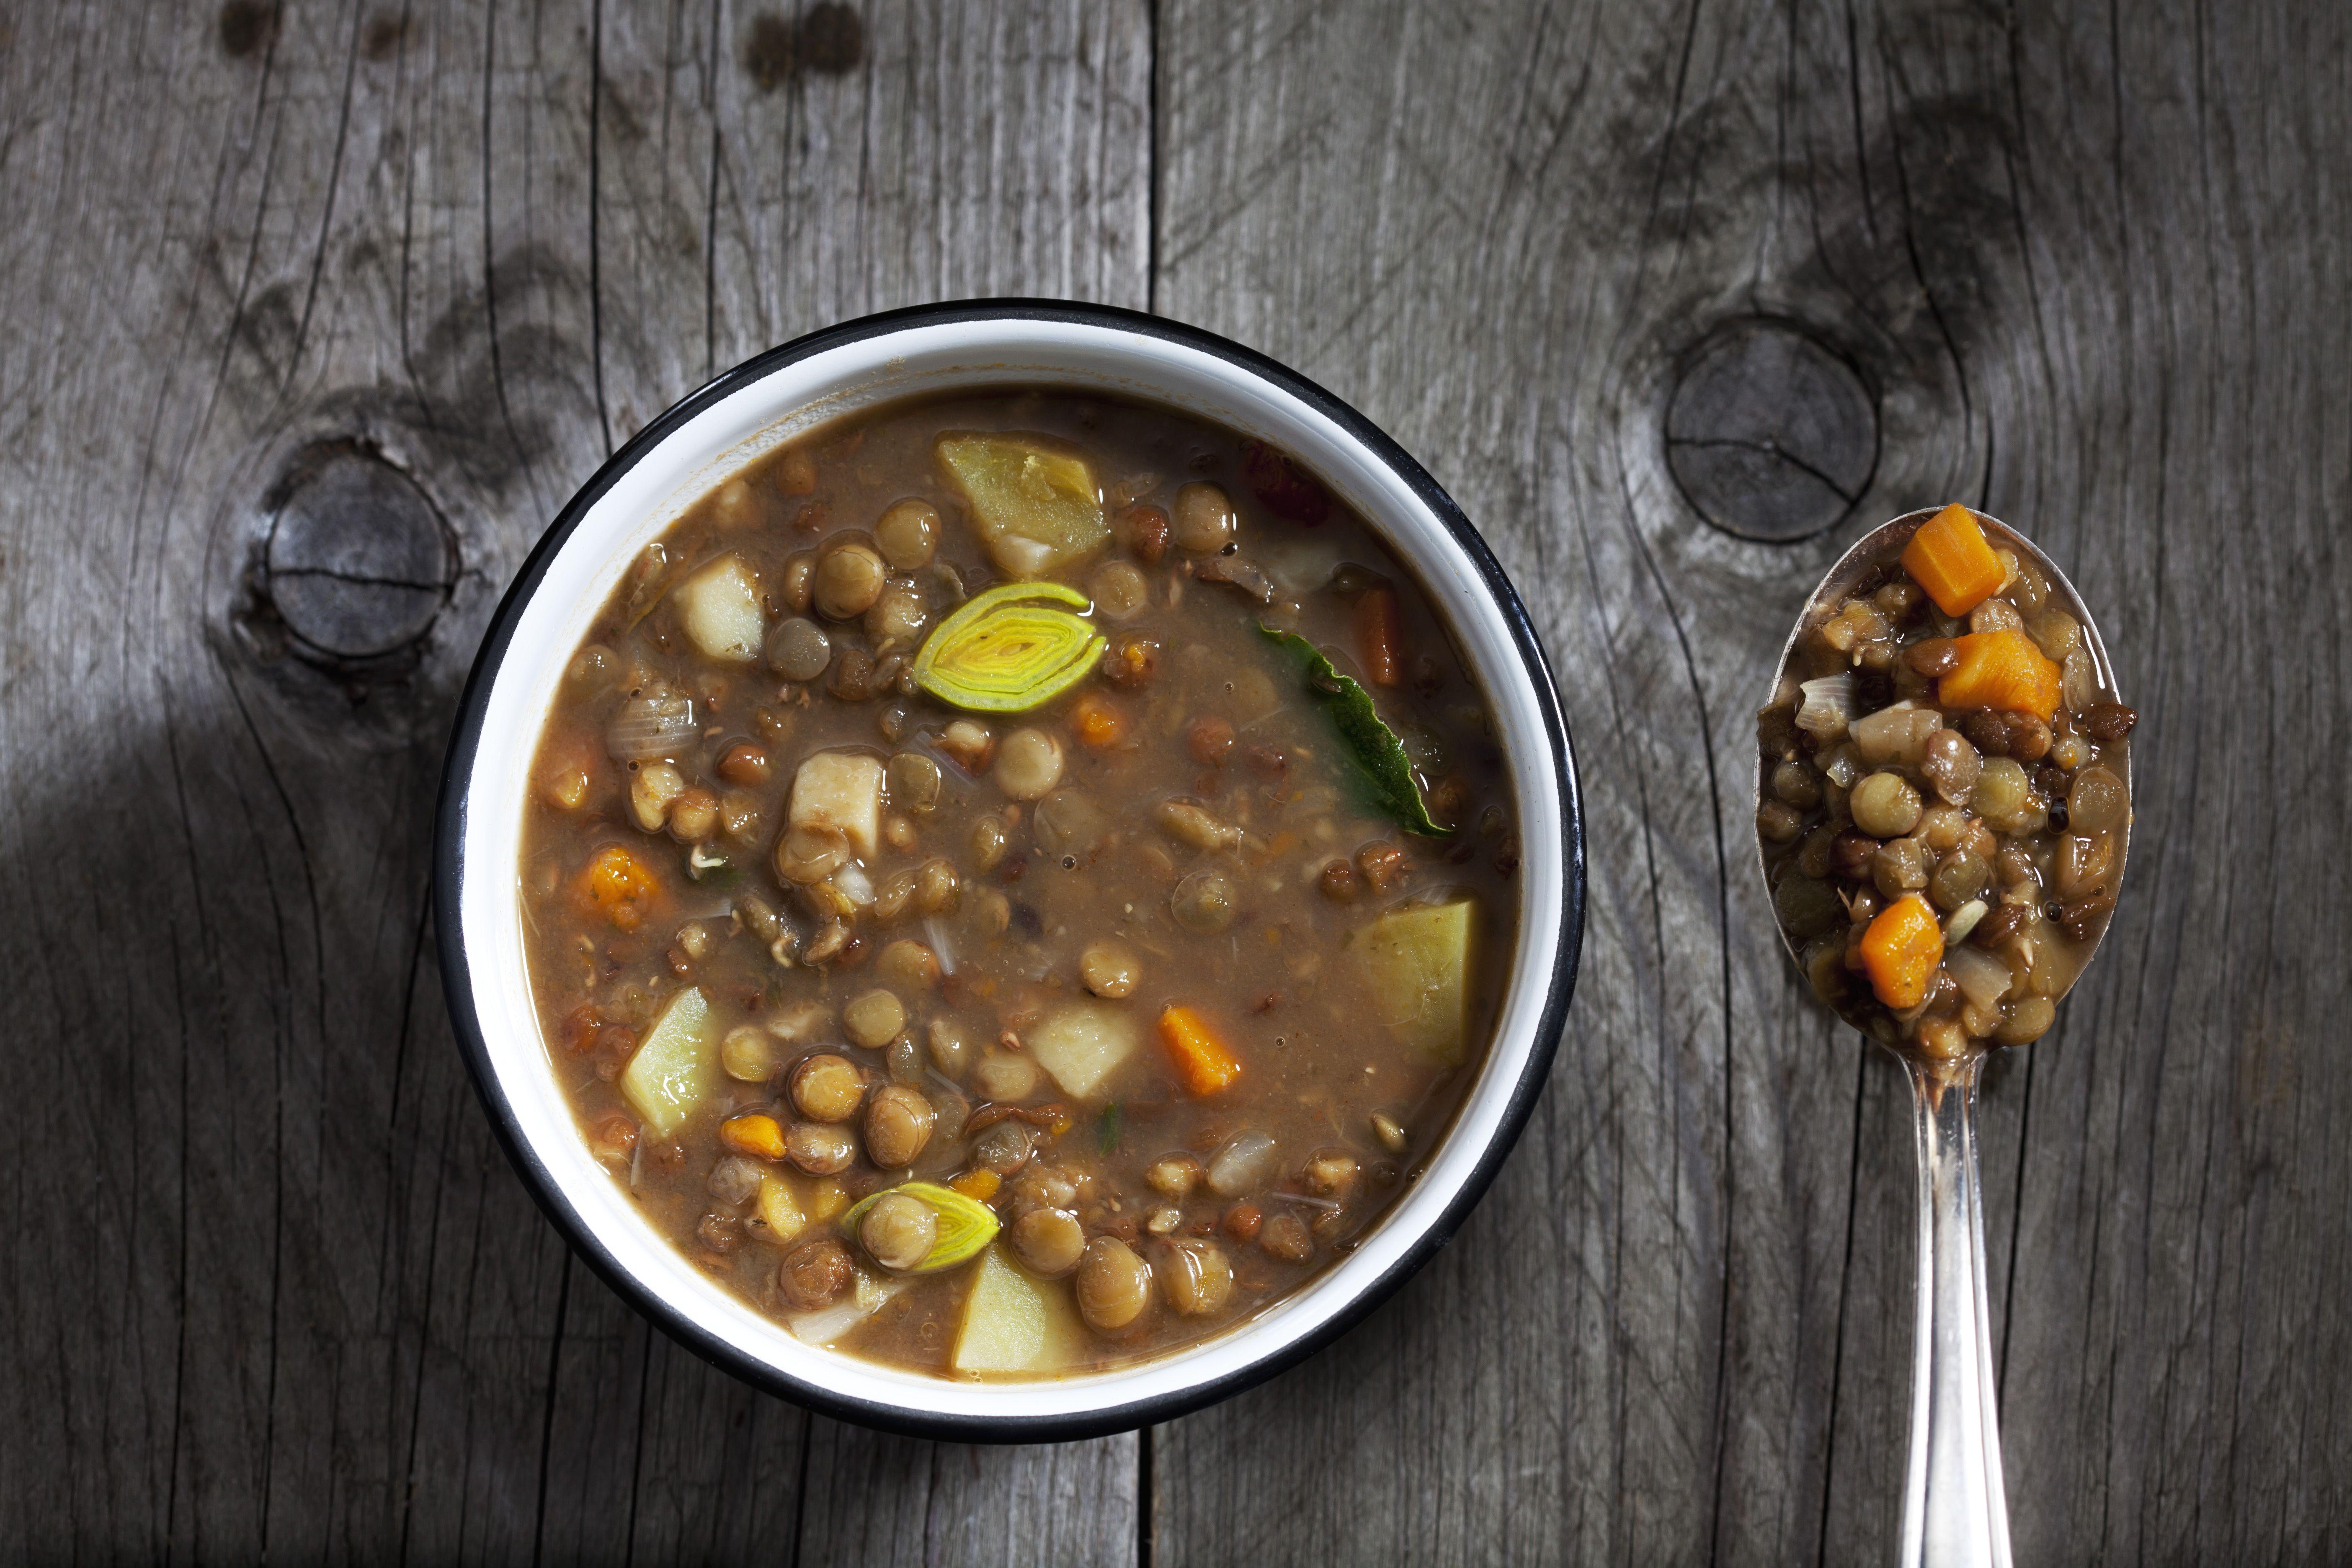 Bowl of lentil soup